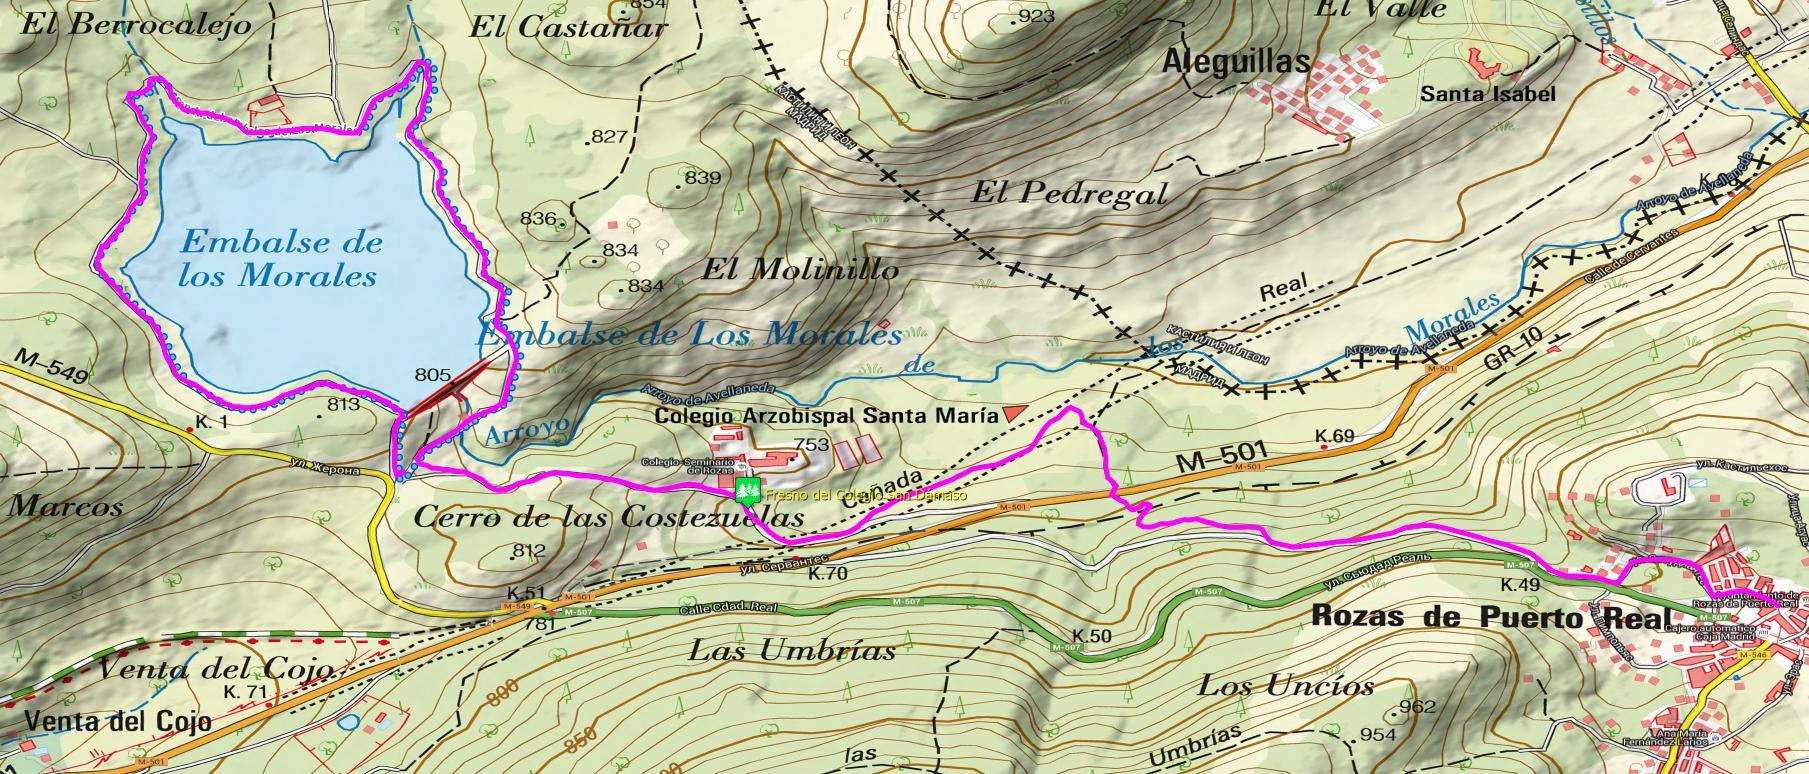 Ruta de los Castaños topo